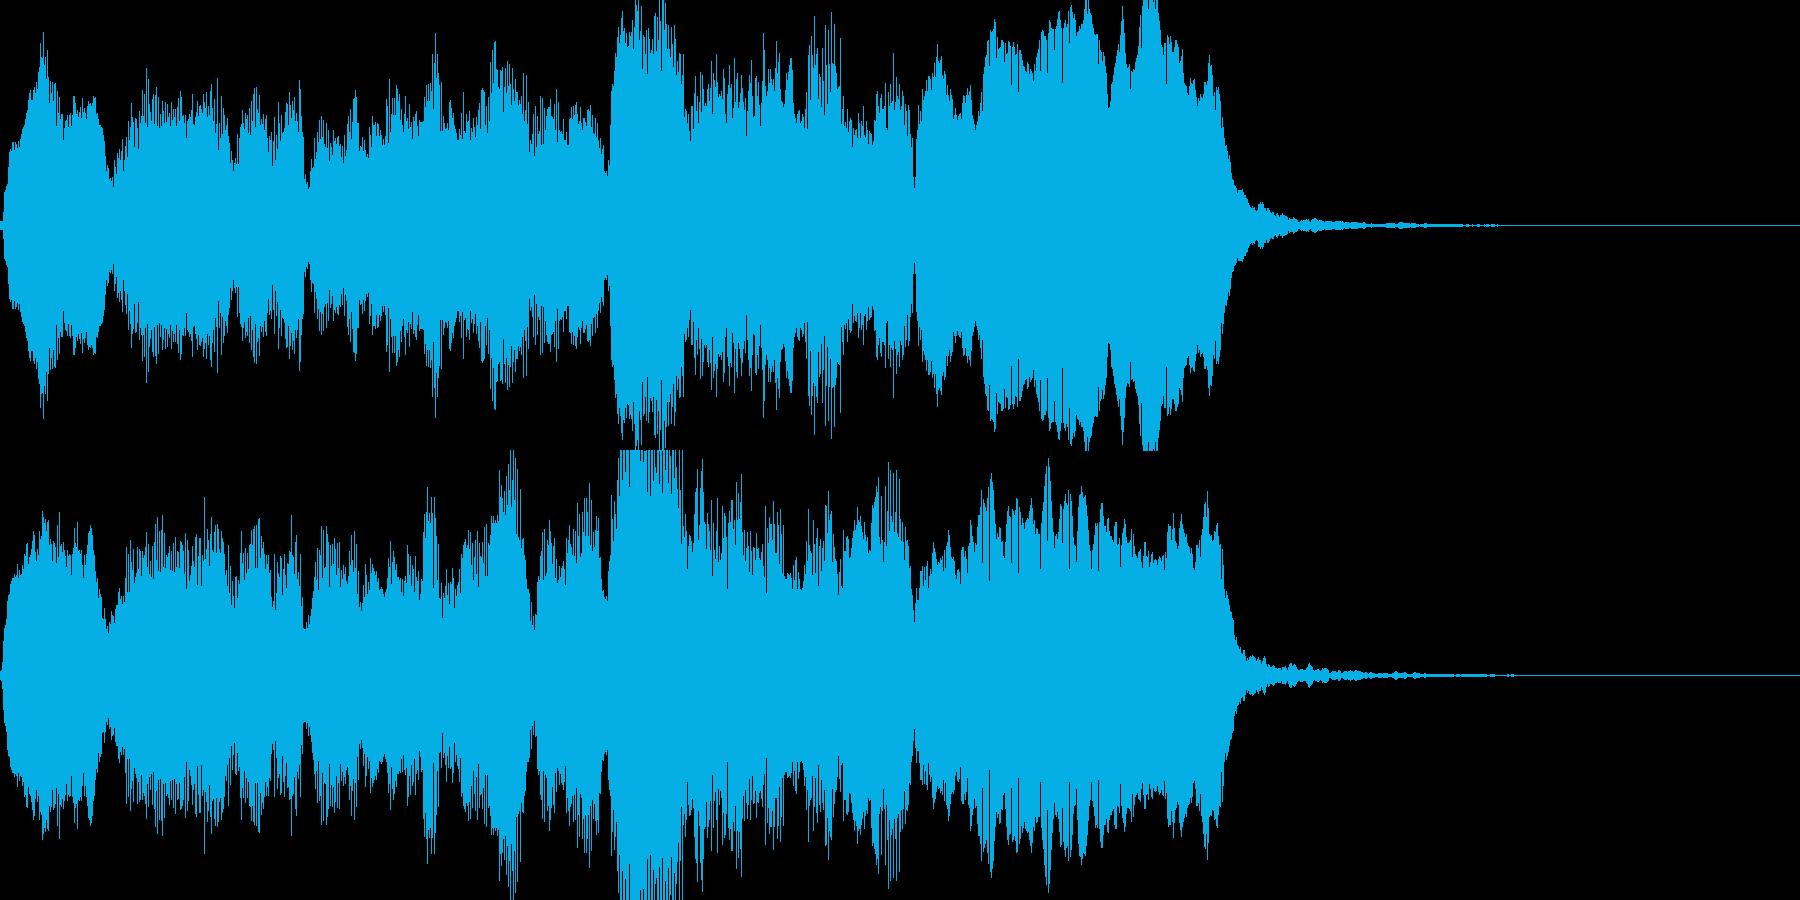 温かみのある穏やかなジングル素材の再生済みの波形